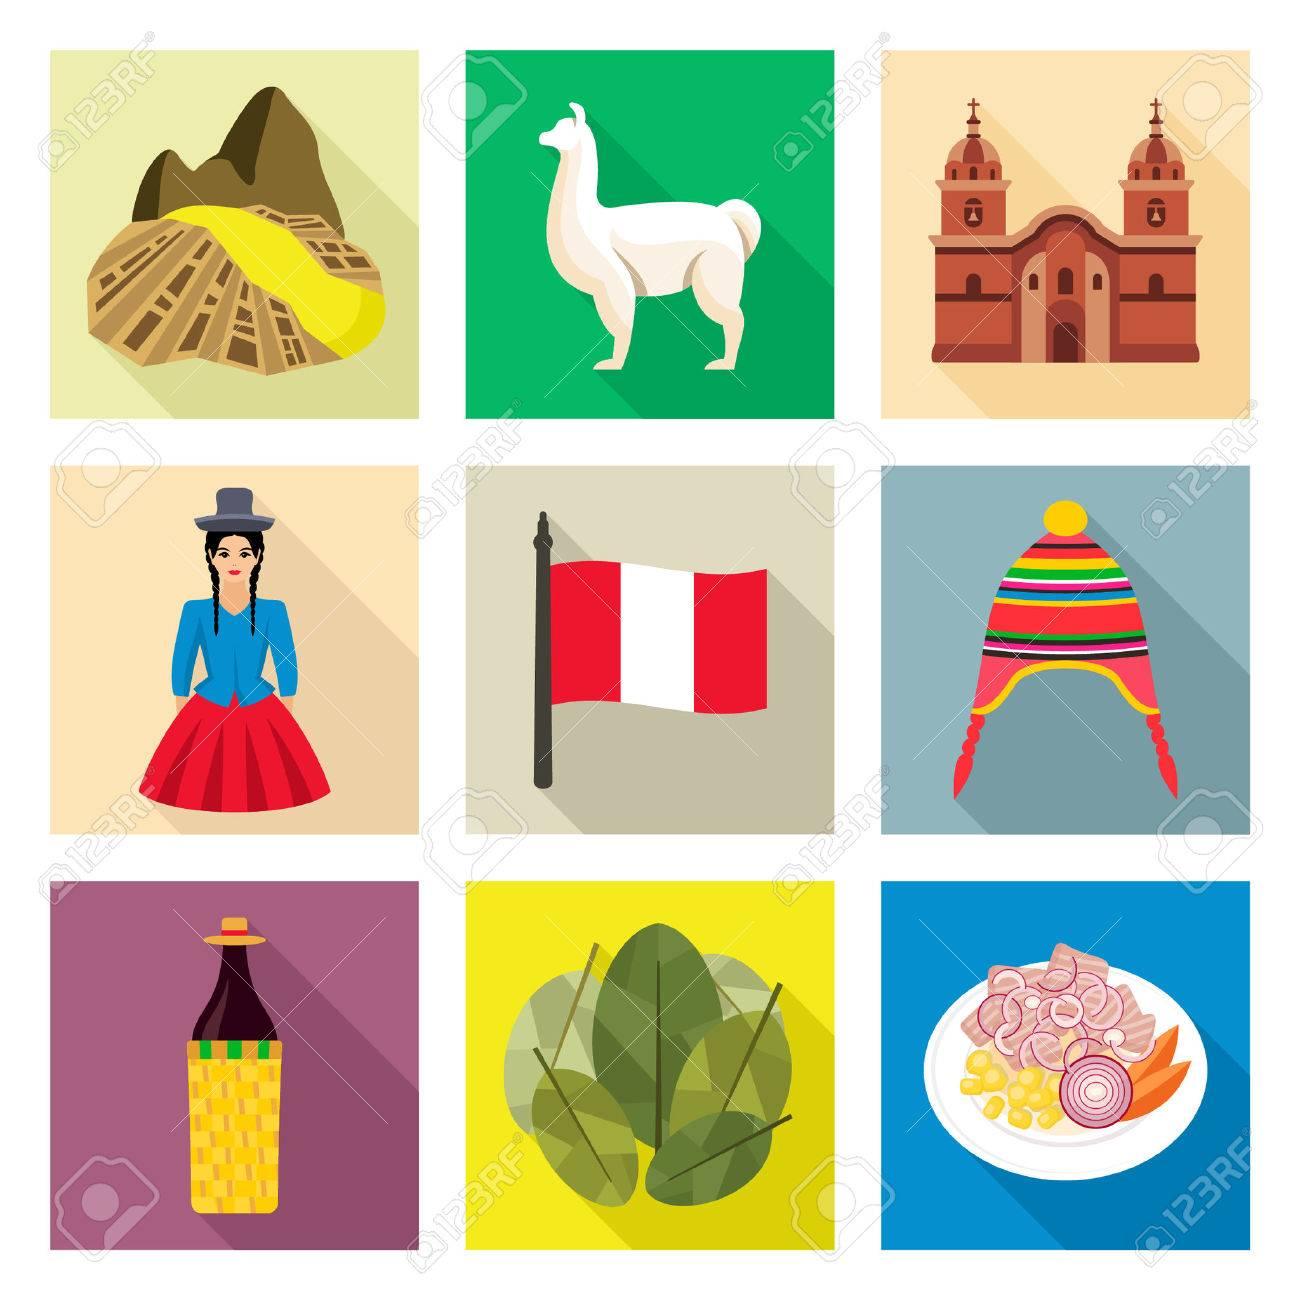 Peru icons - 52359061